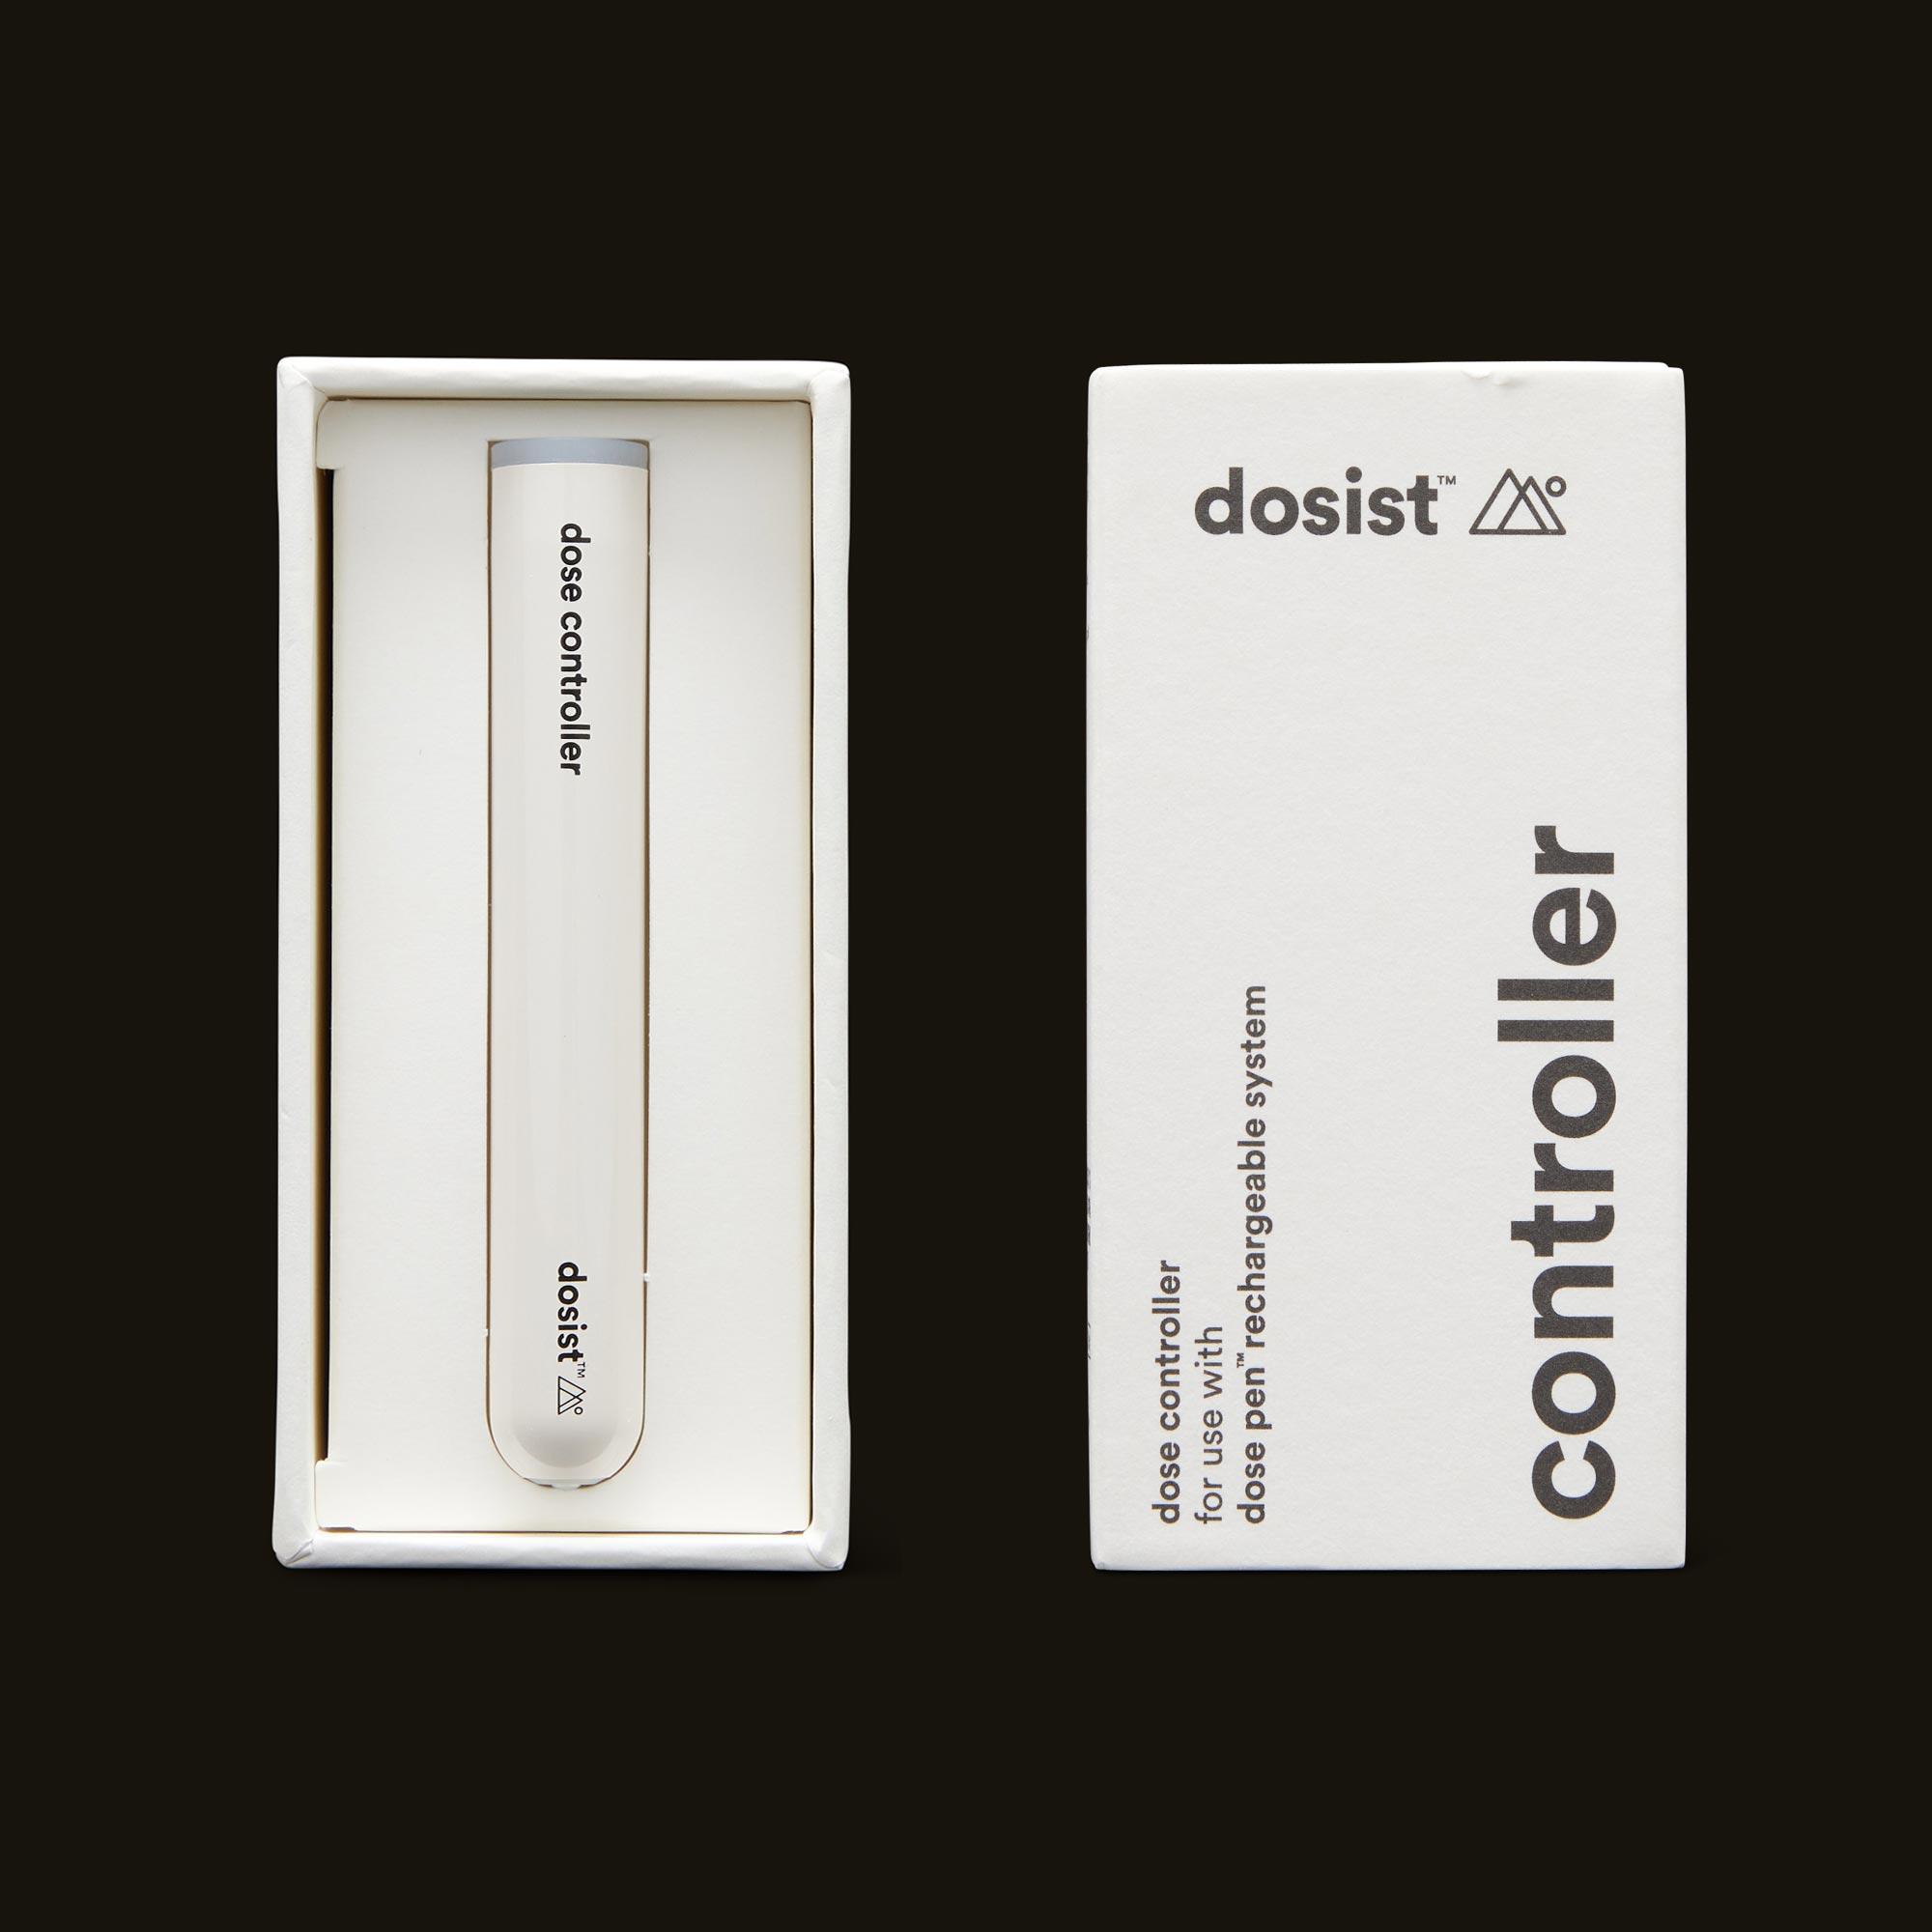 dosist dose controller open box